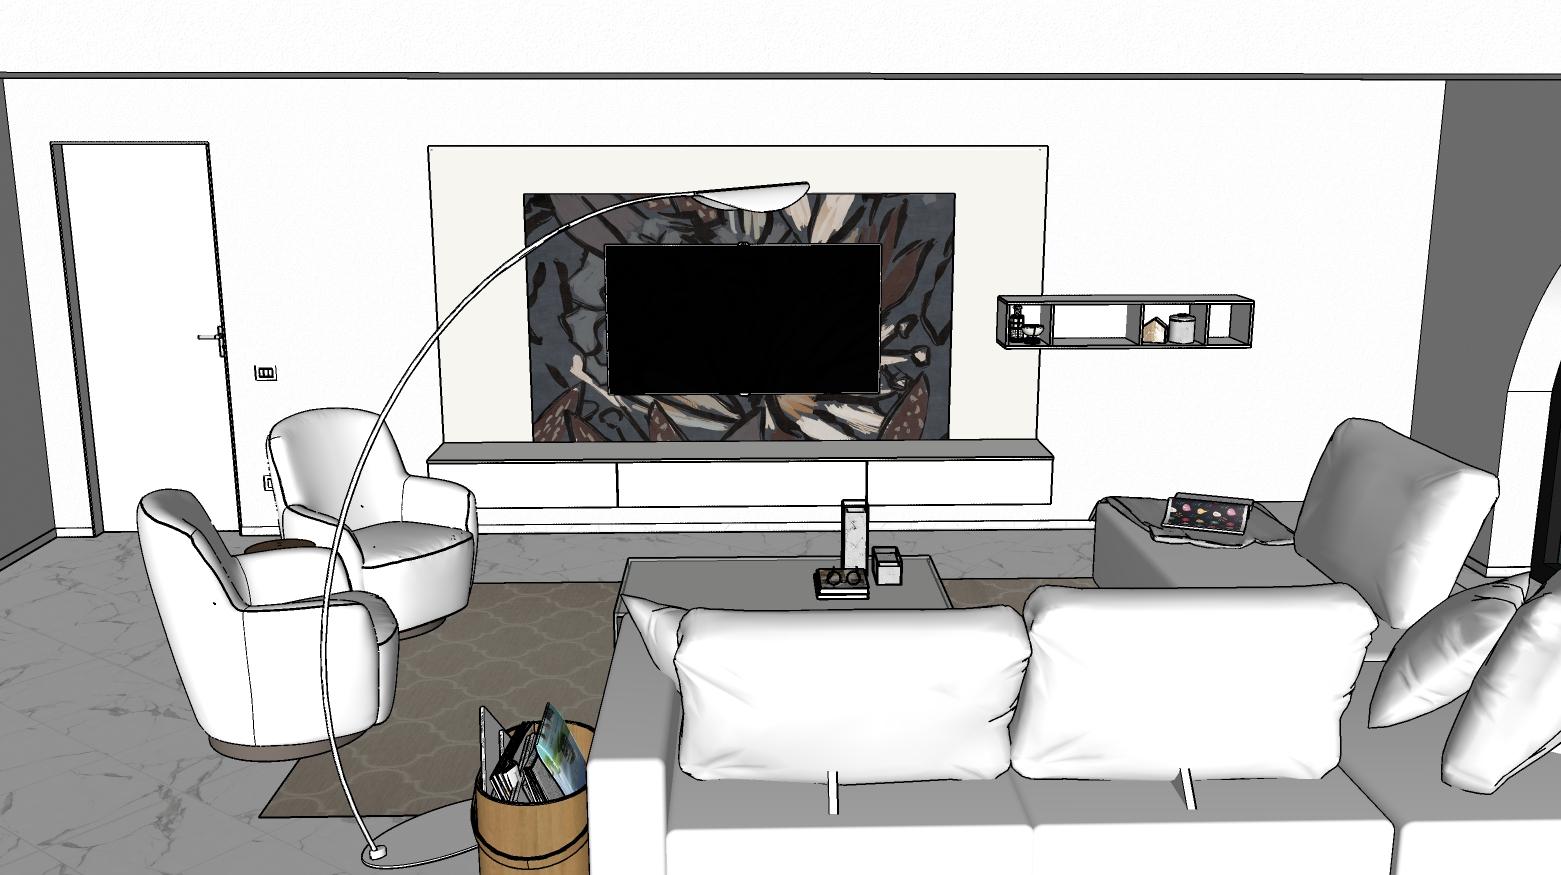 Zona relax con divano, poltroncine, lampada, tavolino e parete attrezzata sospesa